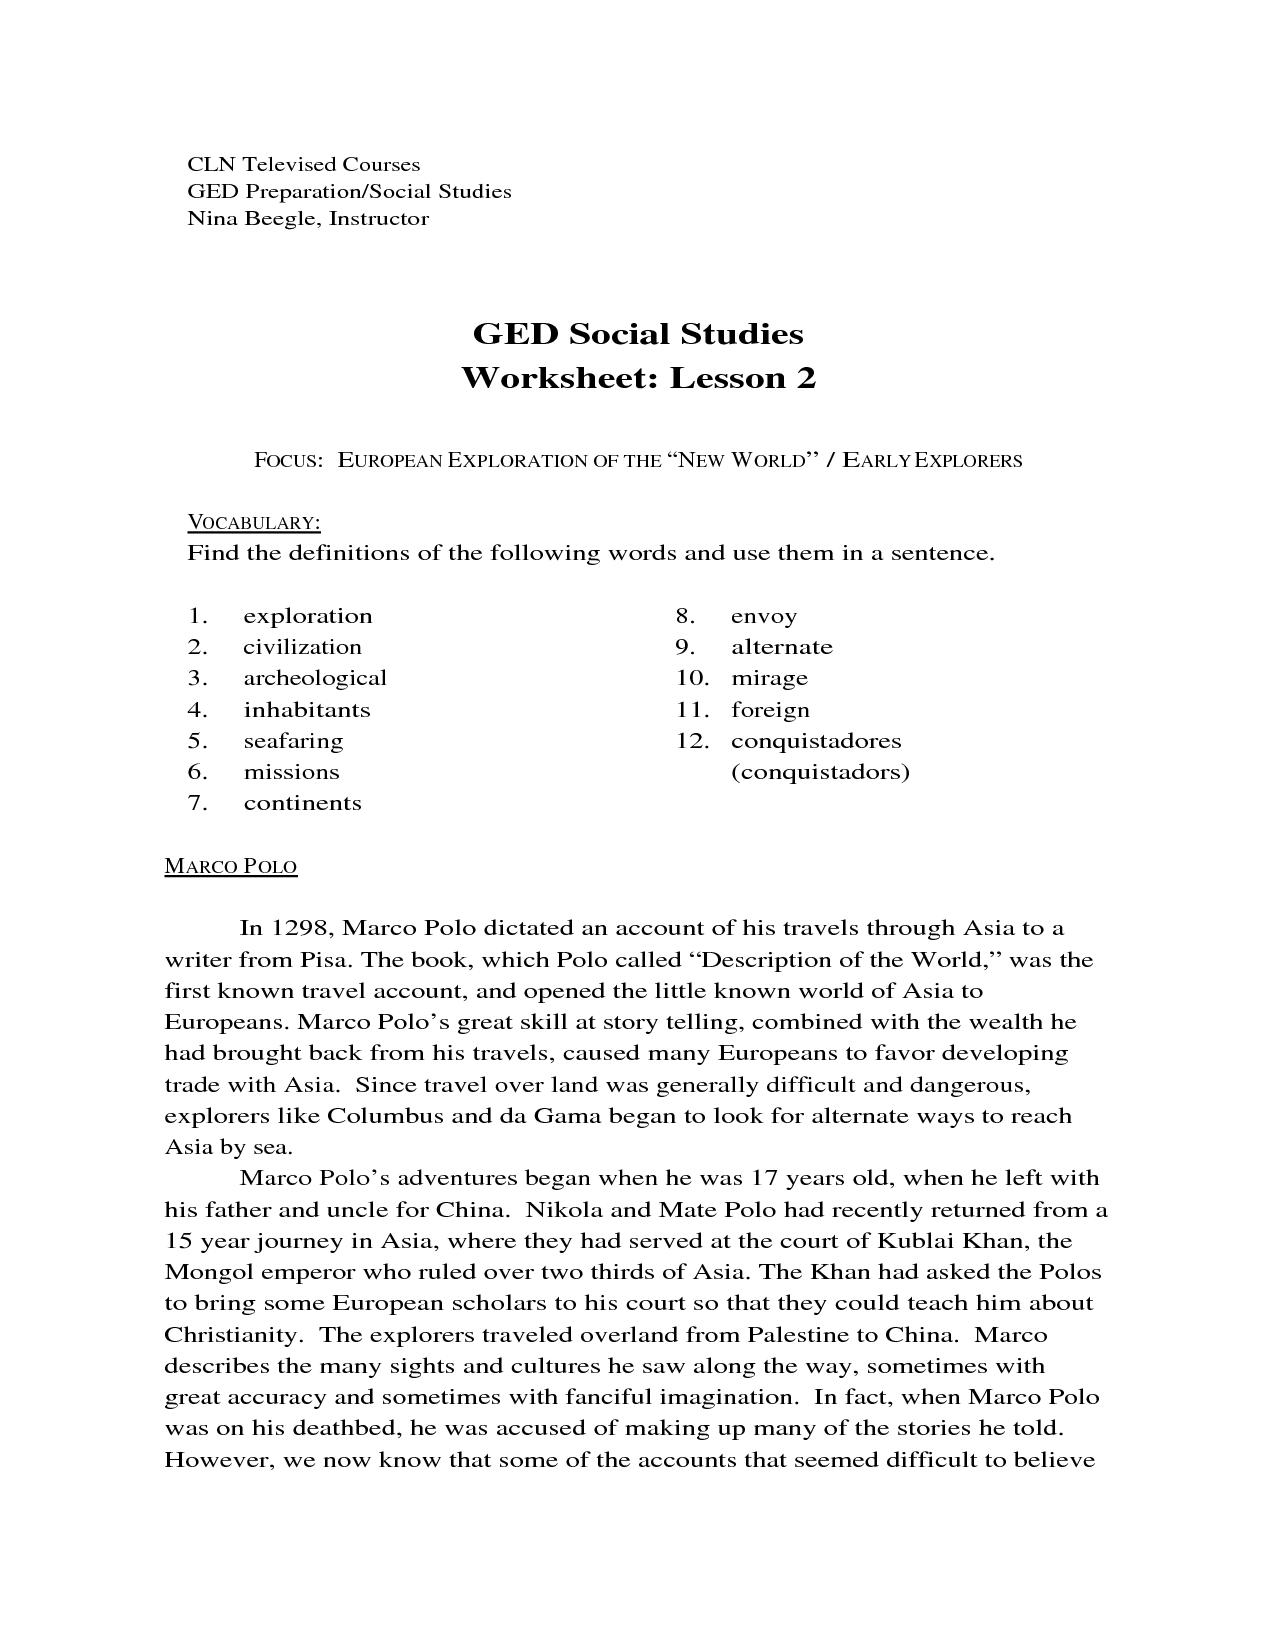 Free Printable Printable Ged Practice Worksheets Pdf